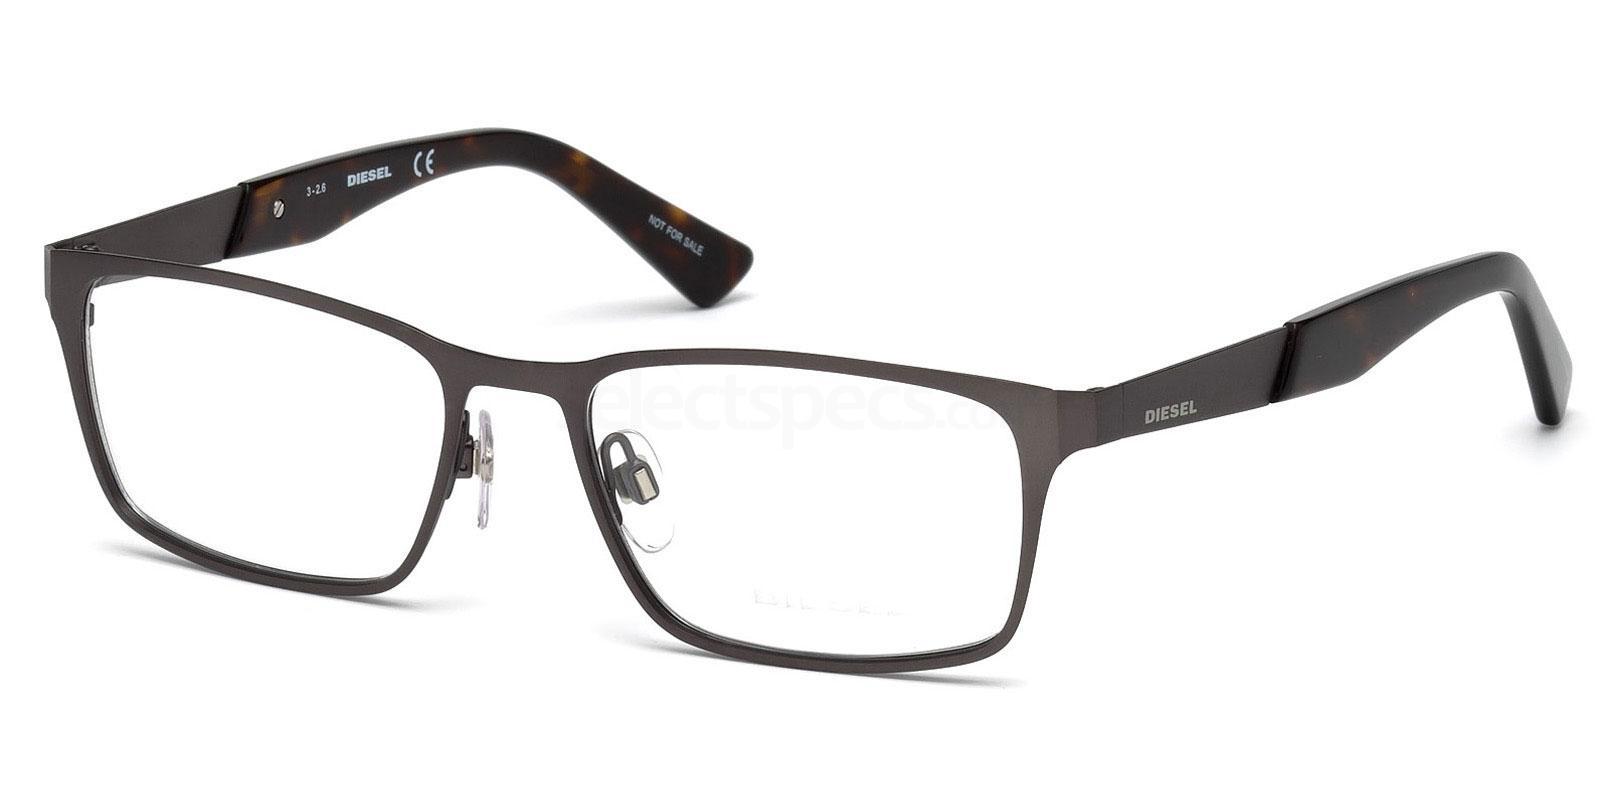 009 DL5234 Glasses, Diesel